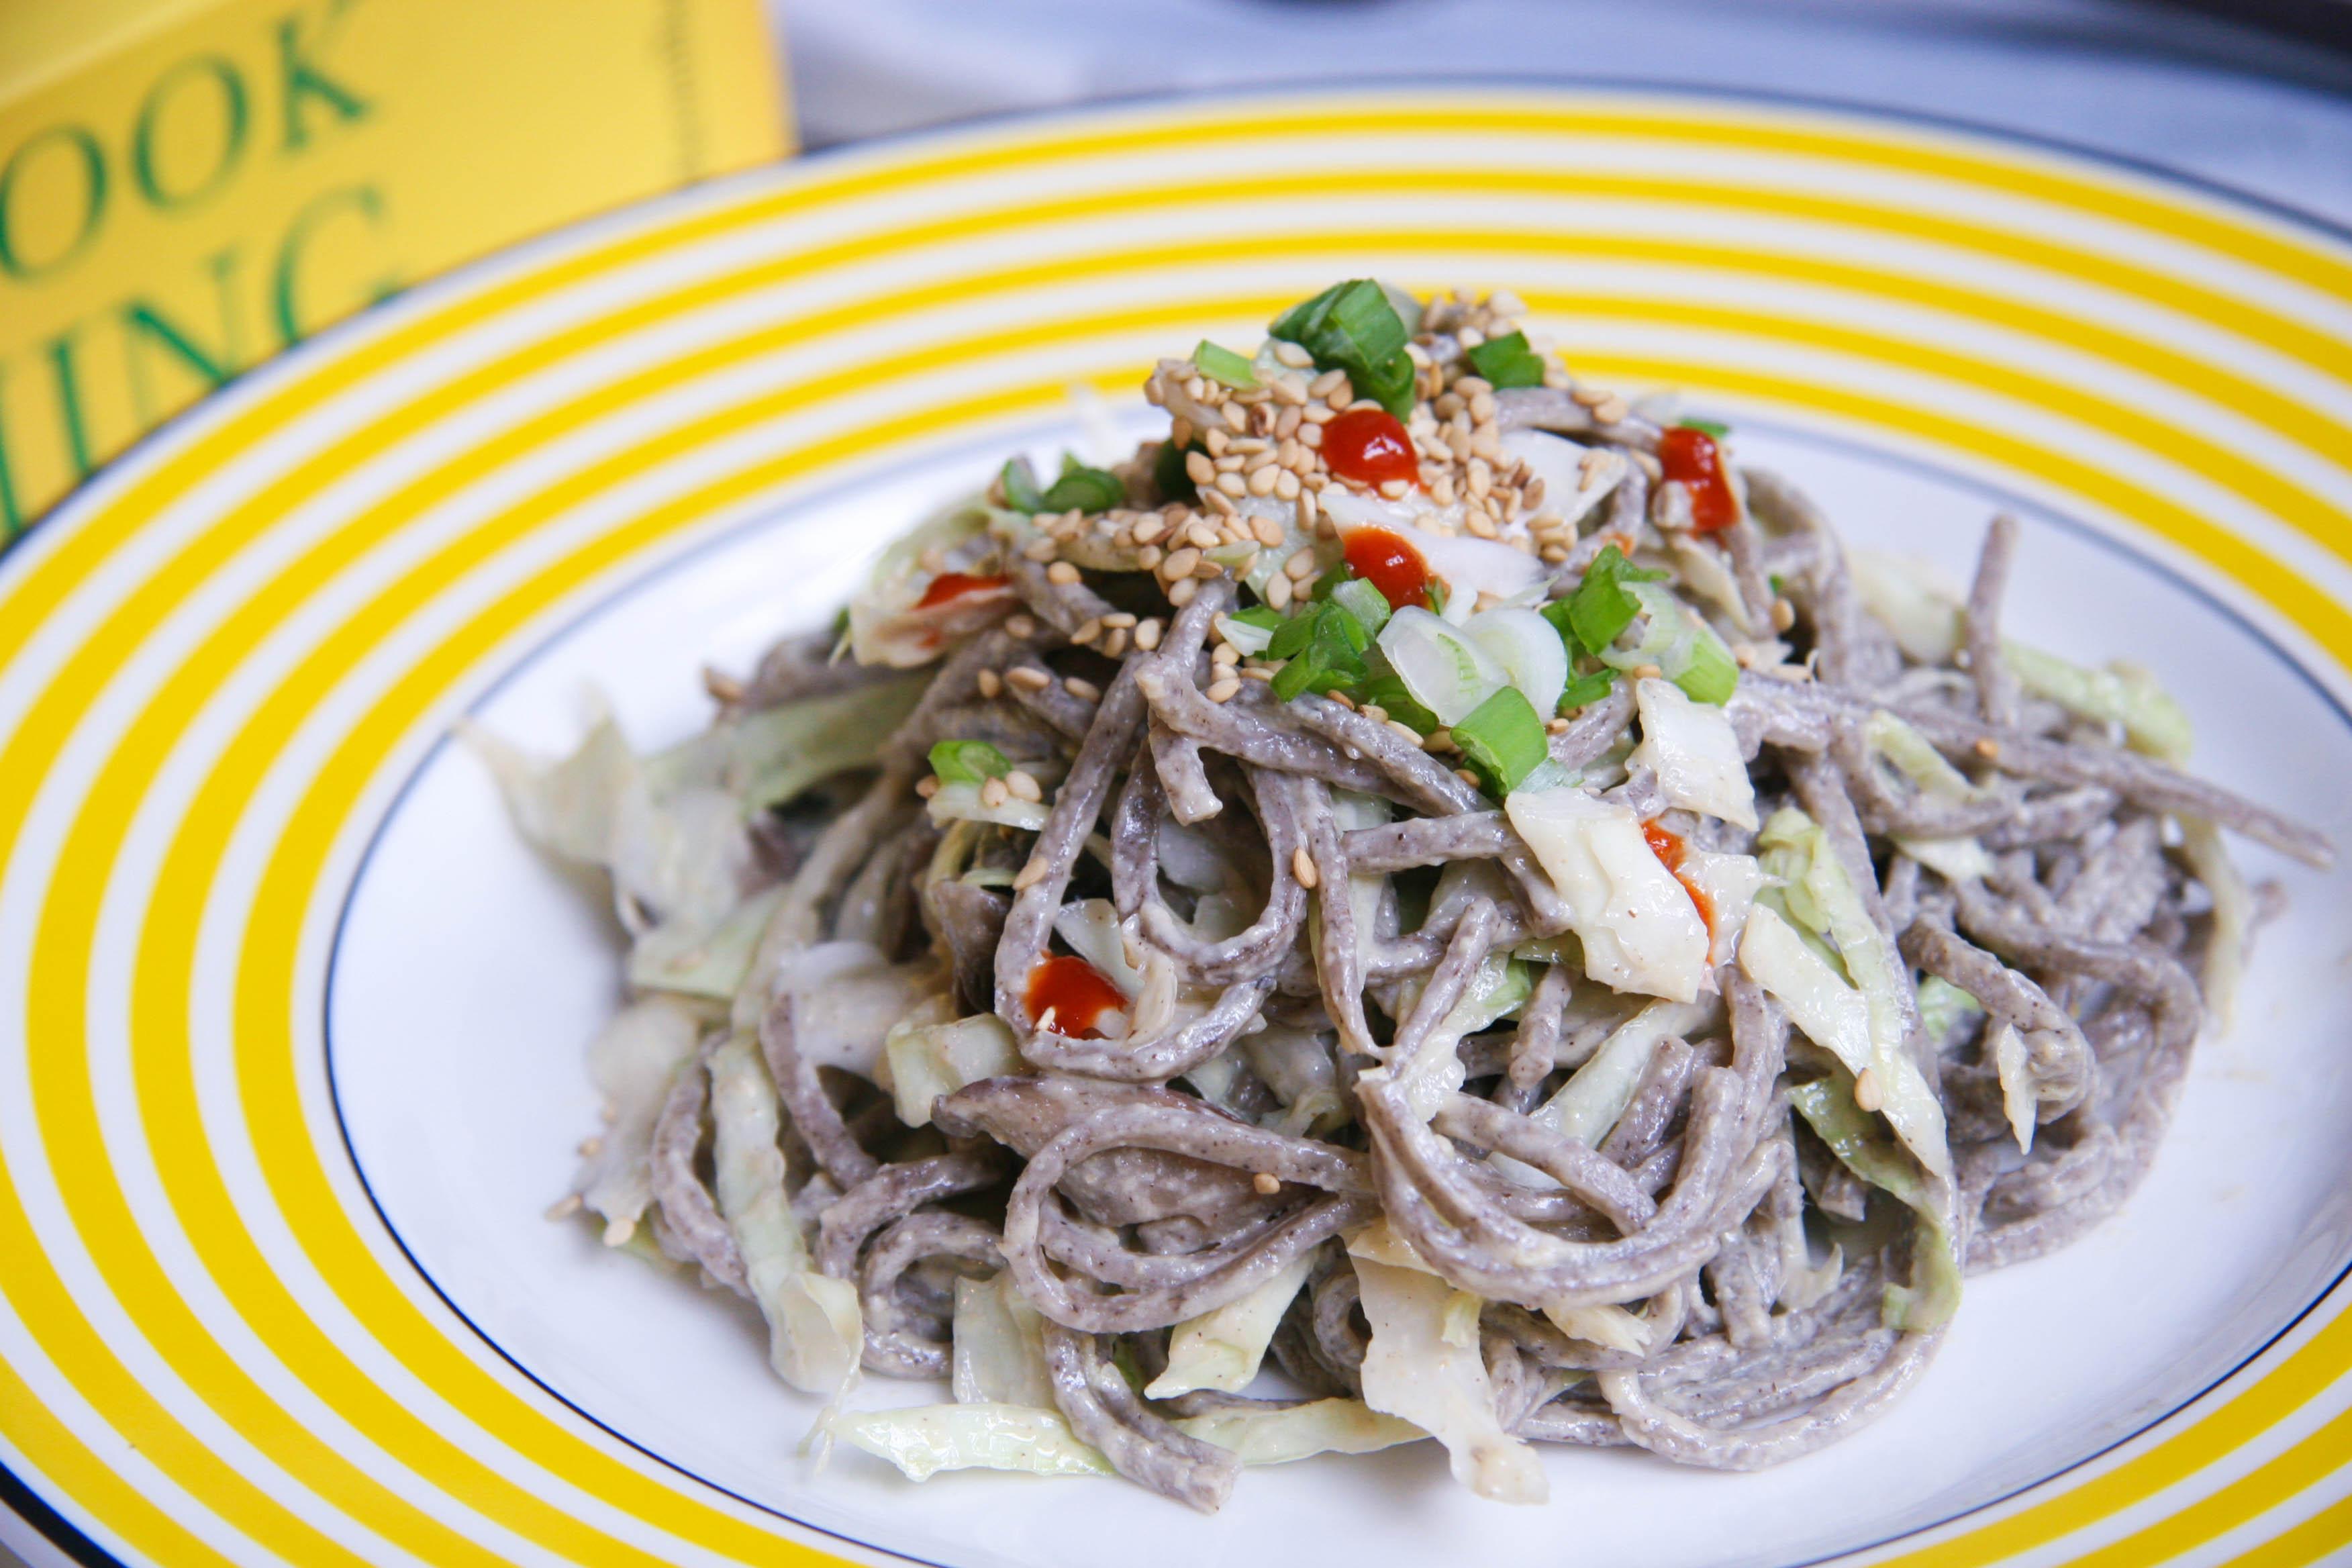 oba noodle salad on plate4